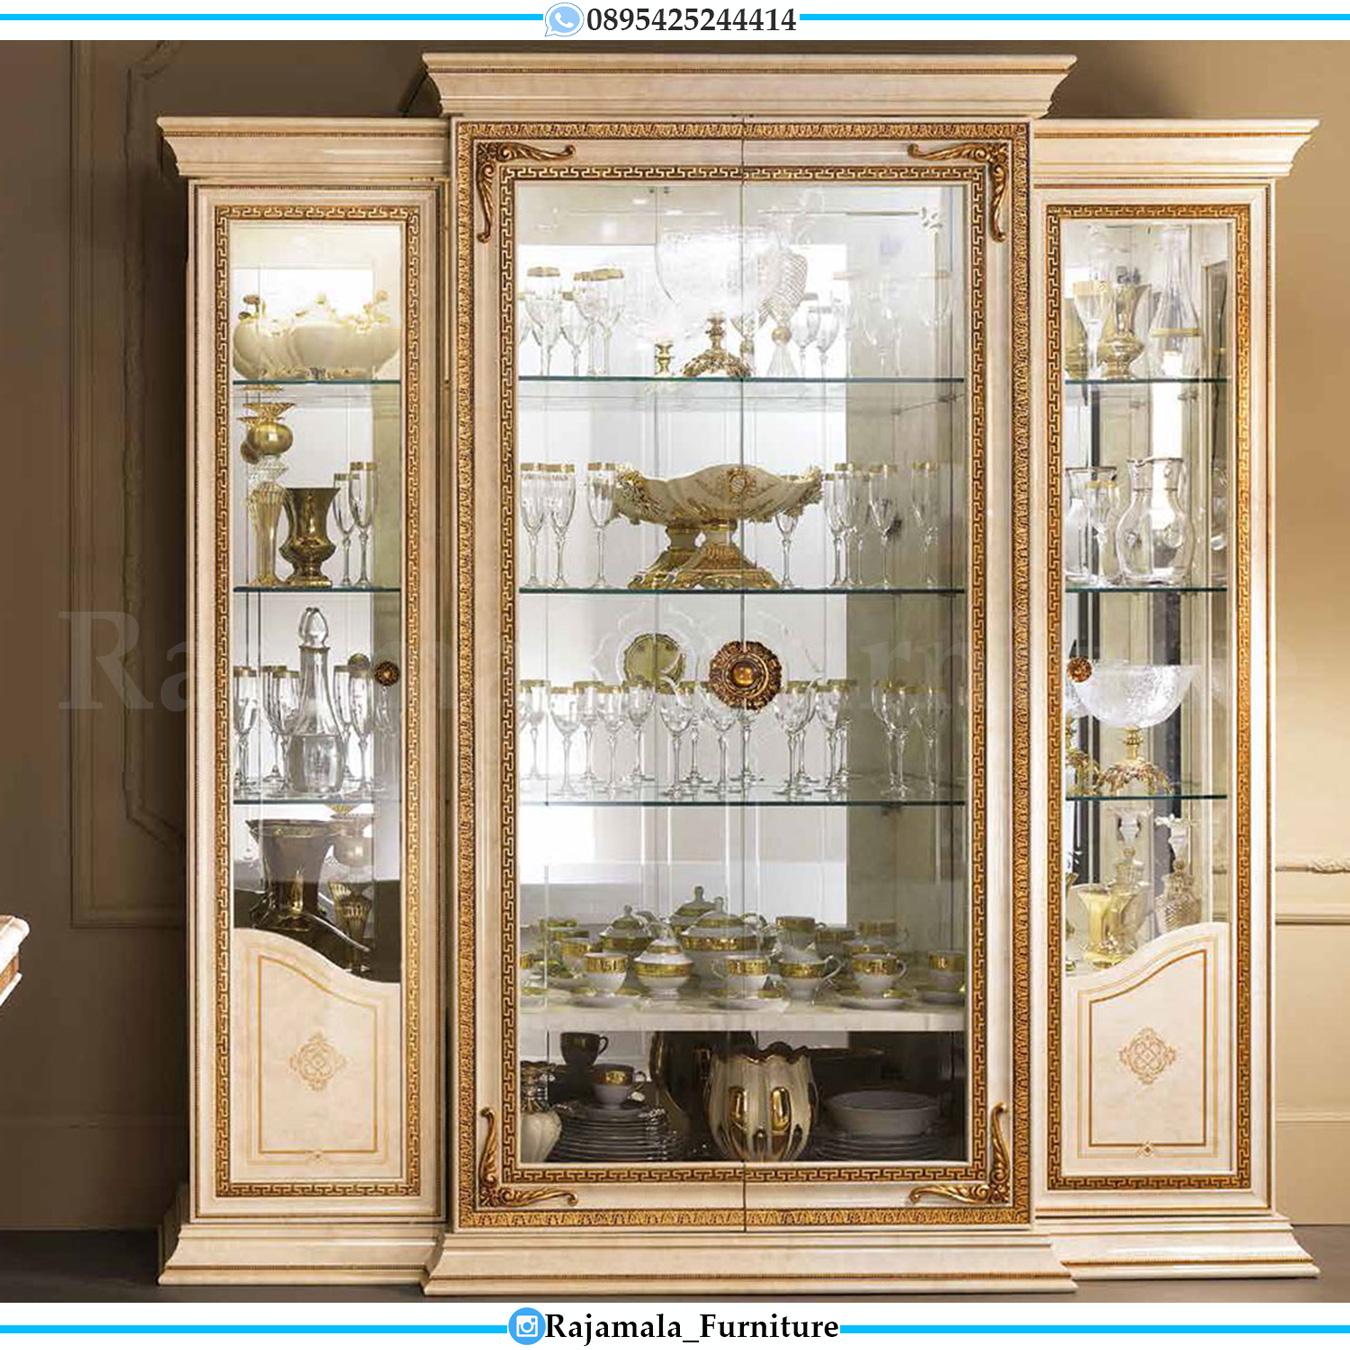 Lemari Pajangan Kaca Mewah Luxury Carving Jepara Terbaru RM-0034